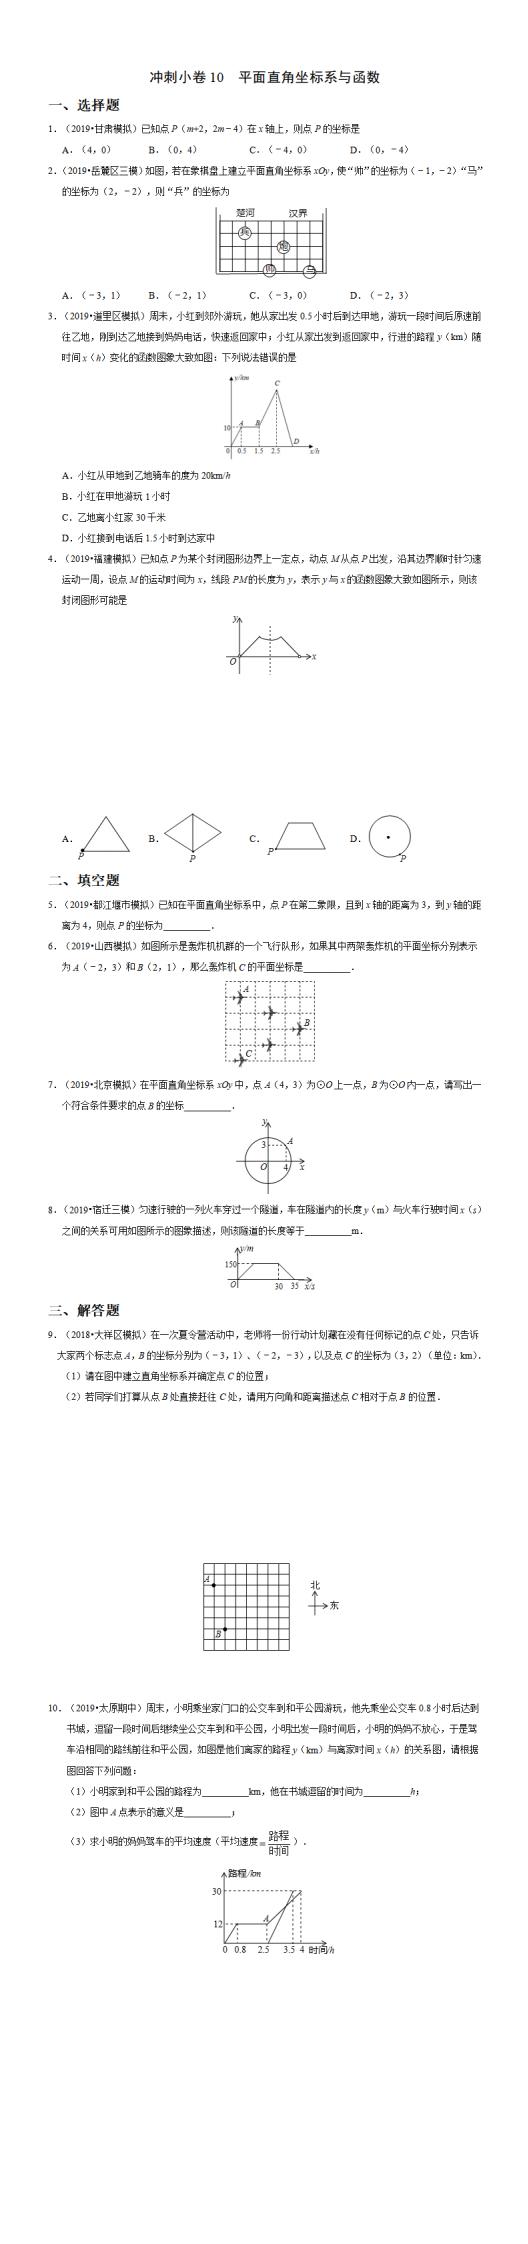 冲刺小卷10 平面直角坐标系与函数-2020年中考数学之模考分类冲刺小卷(全国通用)(原卷.png